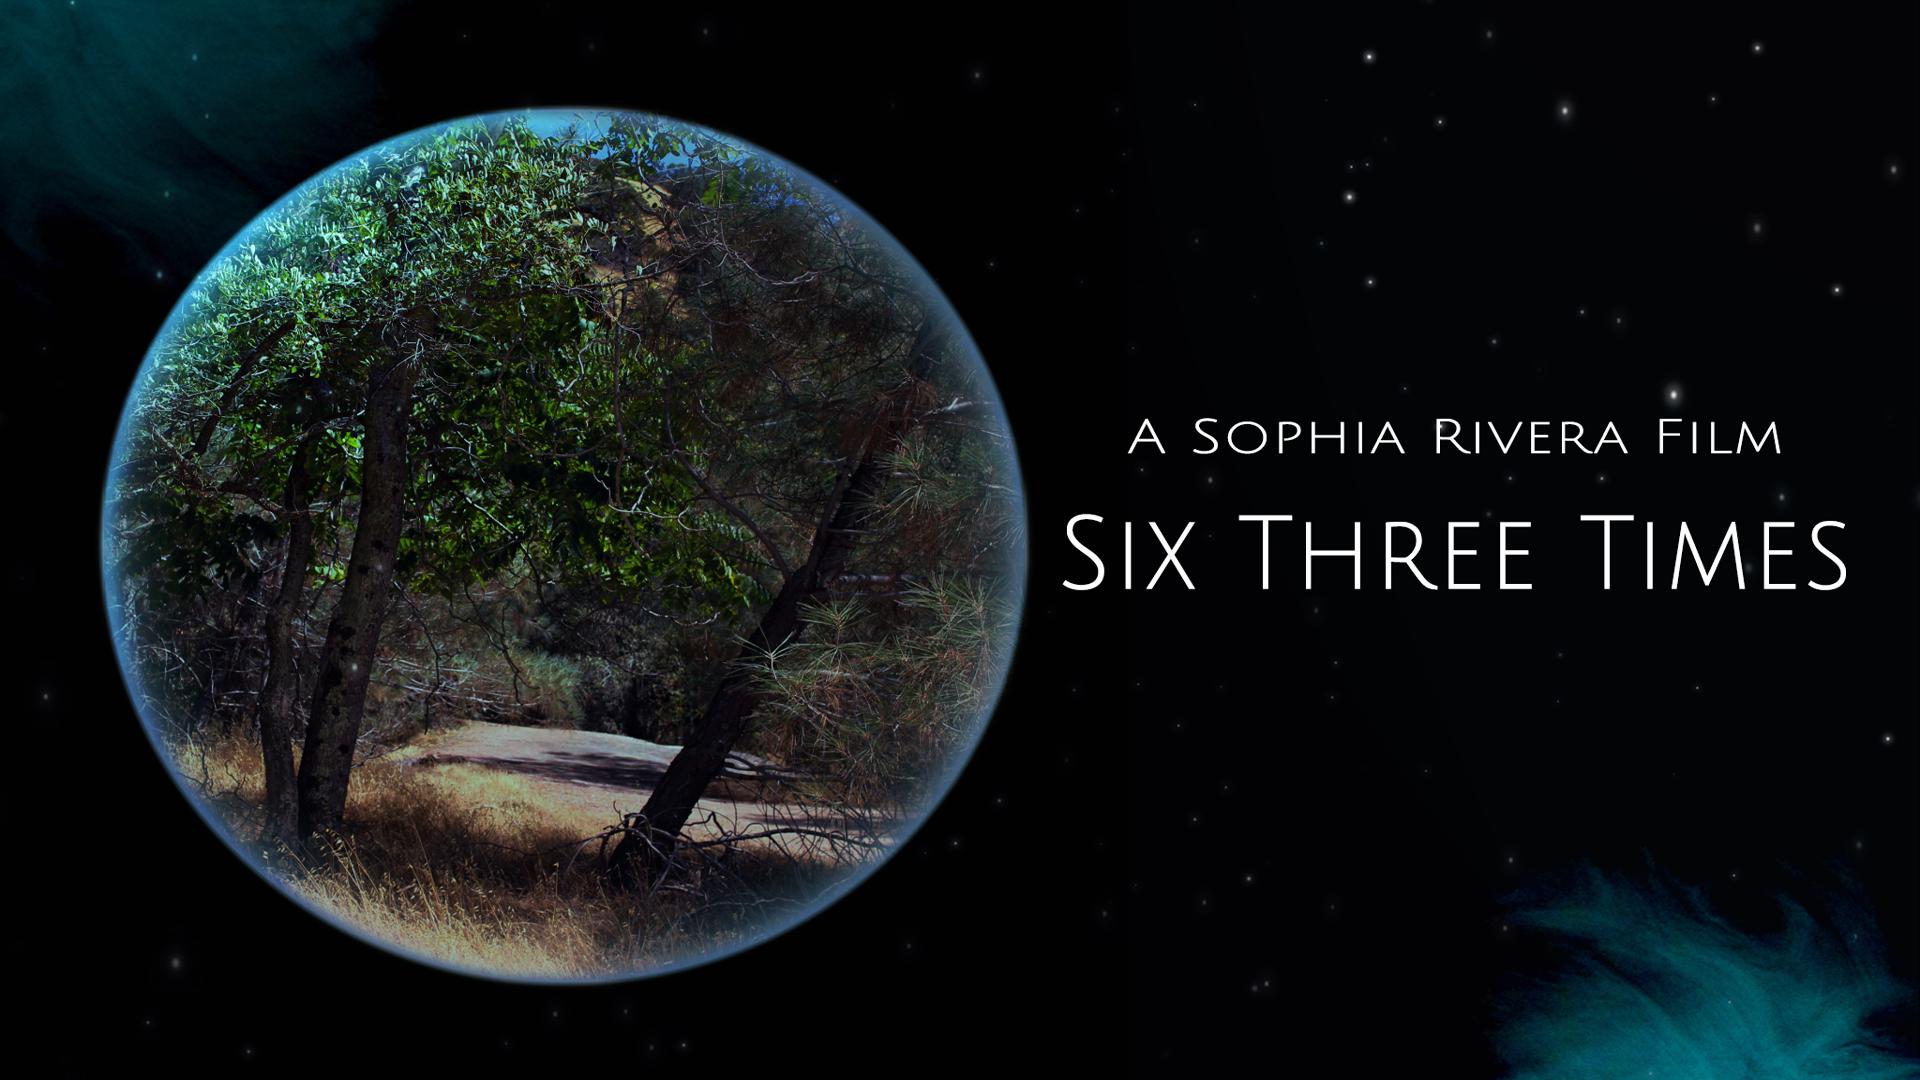 Six Three Times